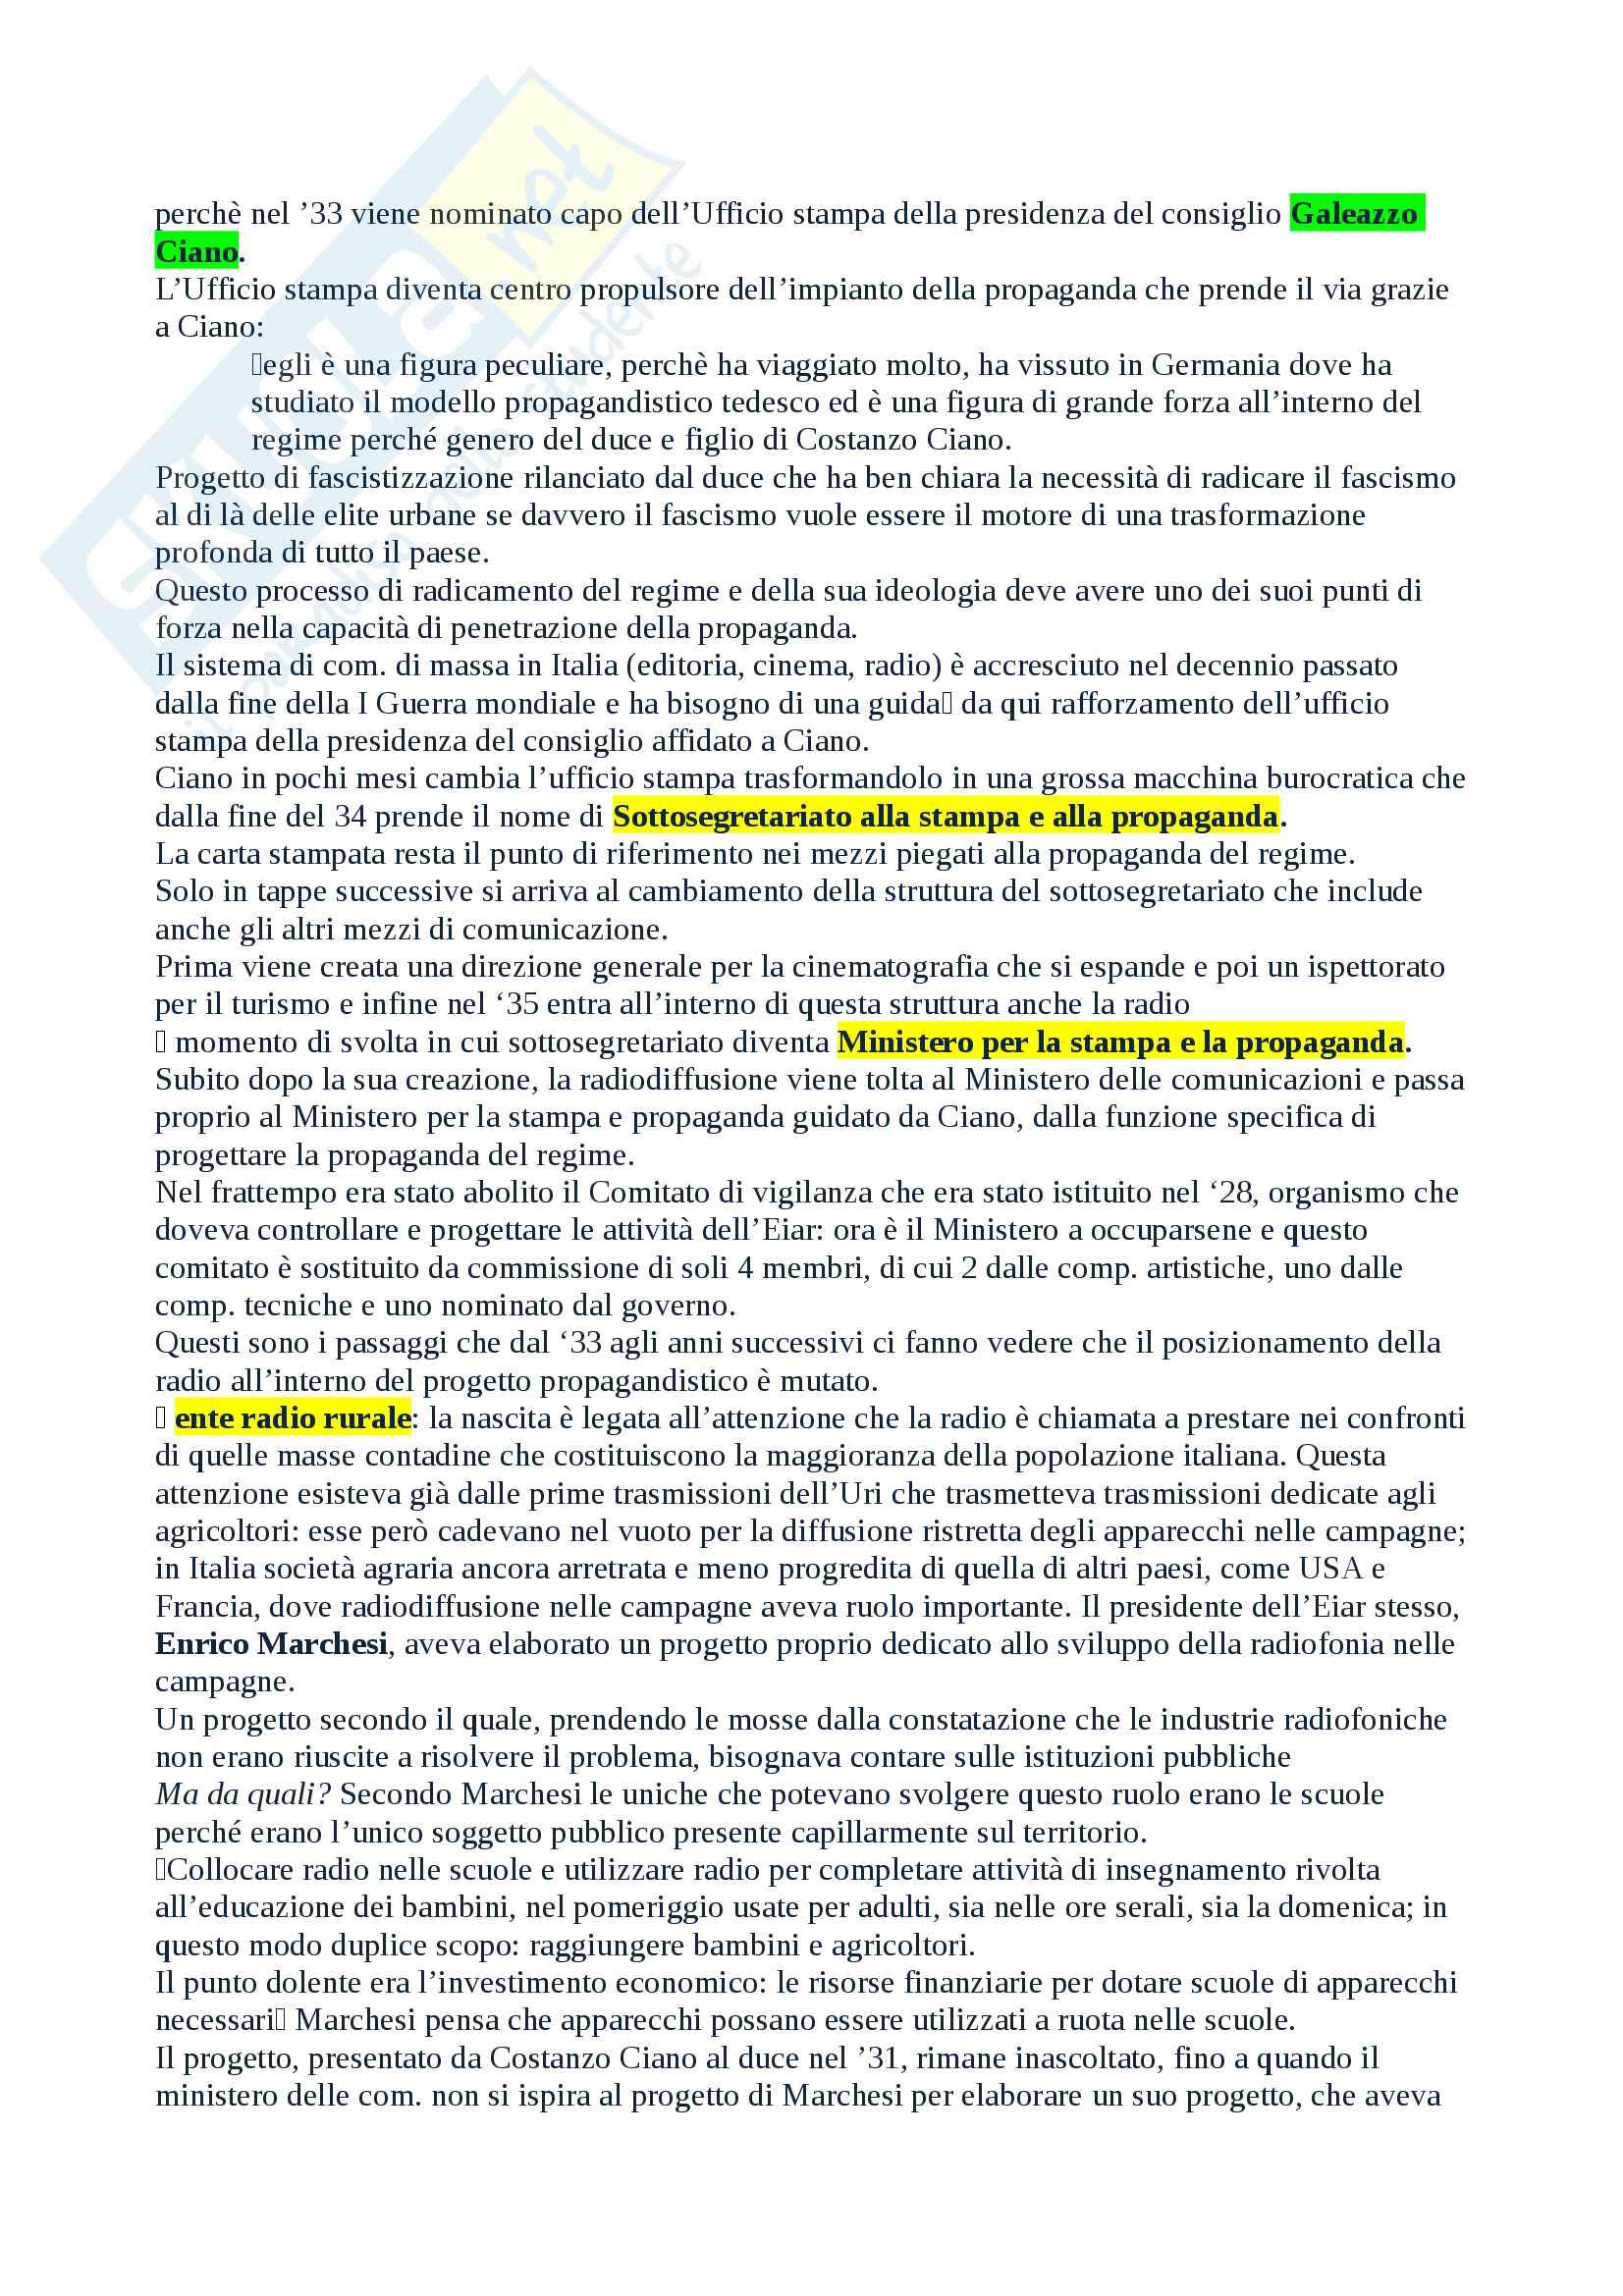 Salvatici Storia della radio e della televisione Pag. 16